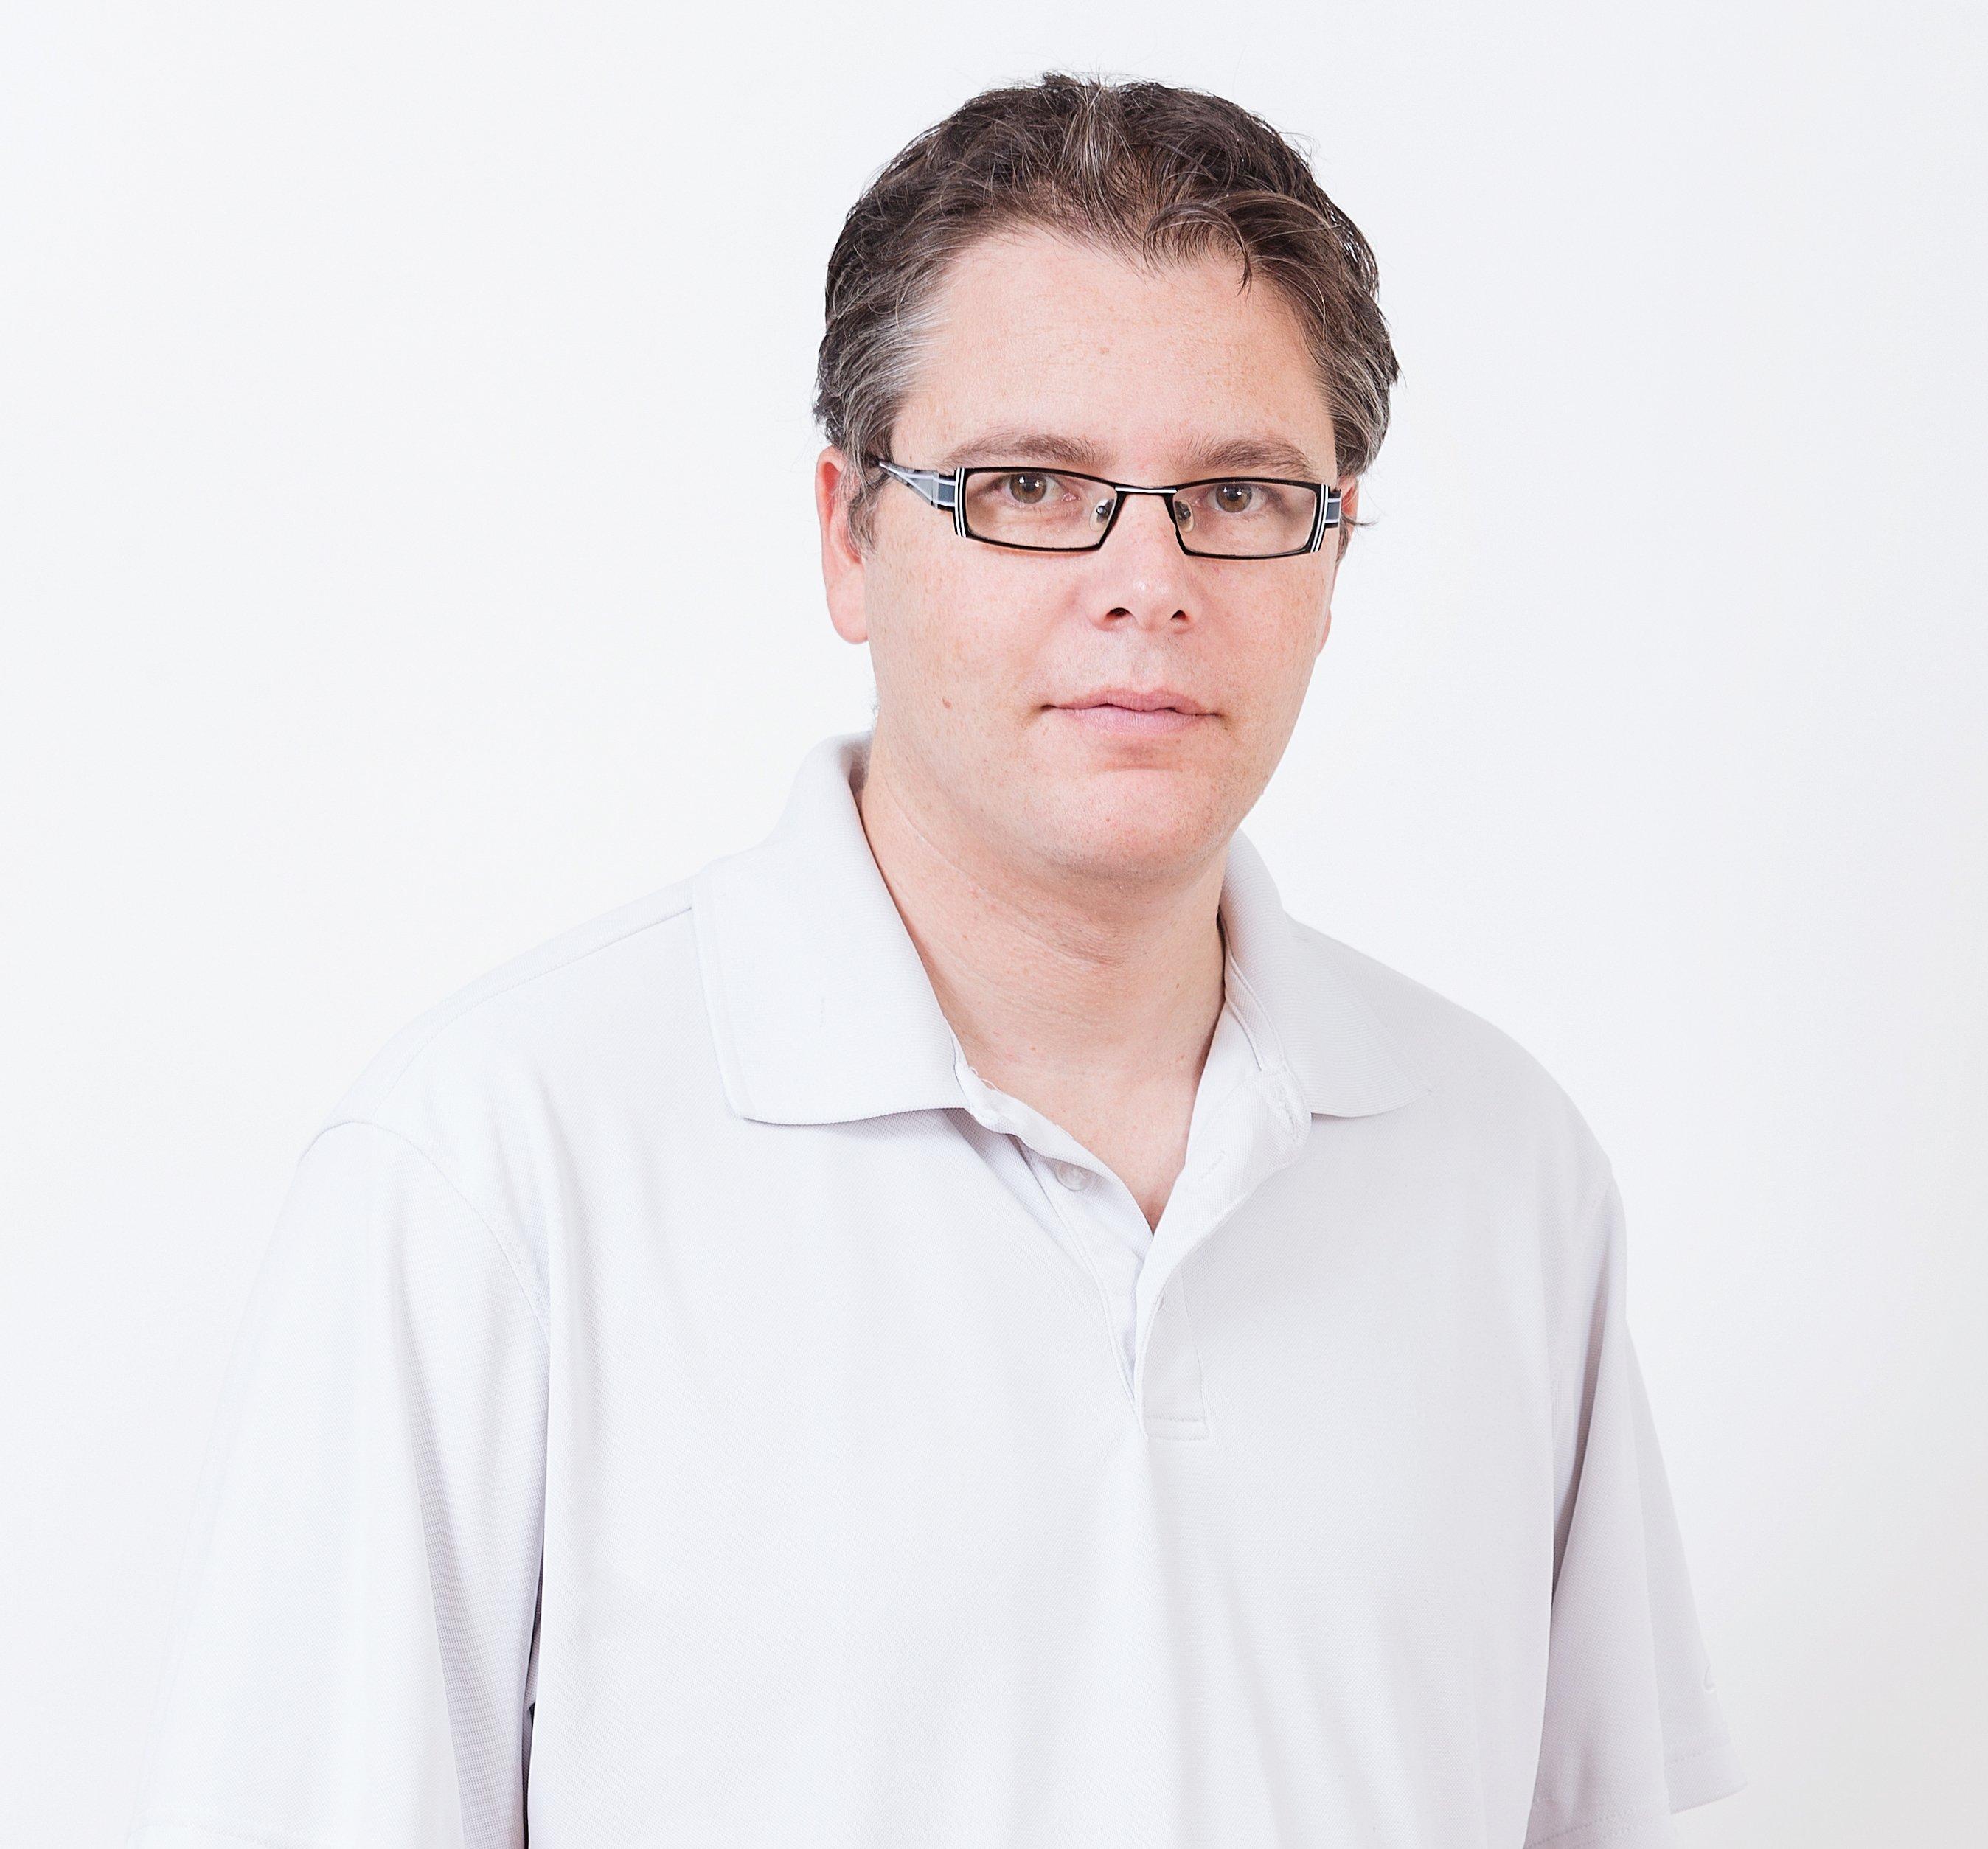 Eran Shir - CEO & Co-Founder